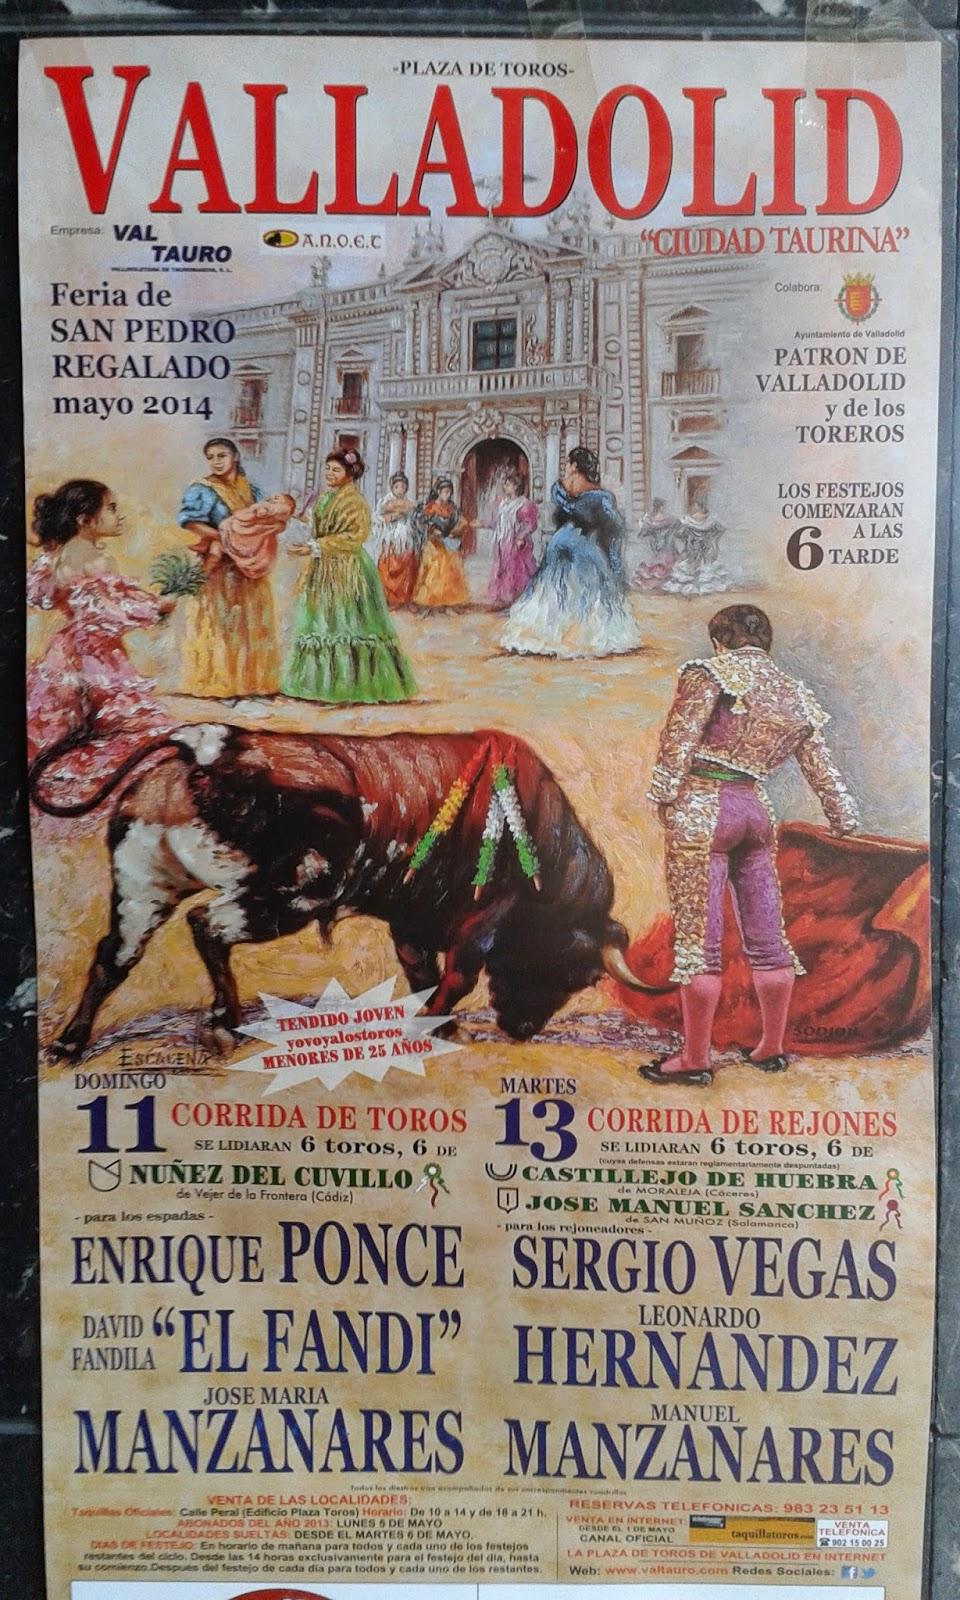 Toros en Valladolid cpor San Pedro Regalado